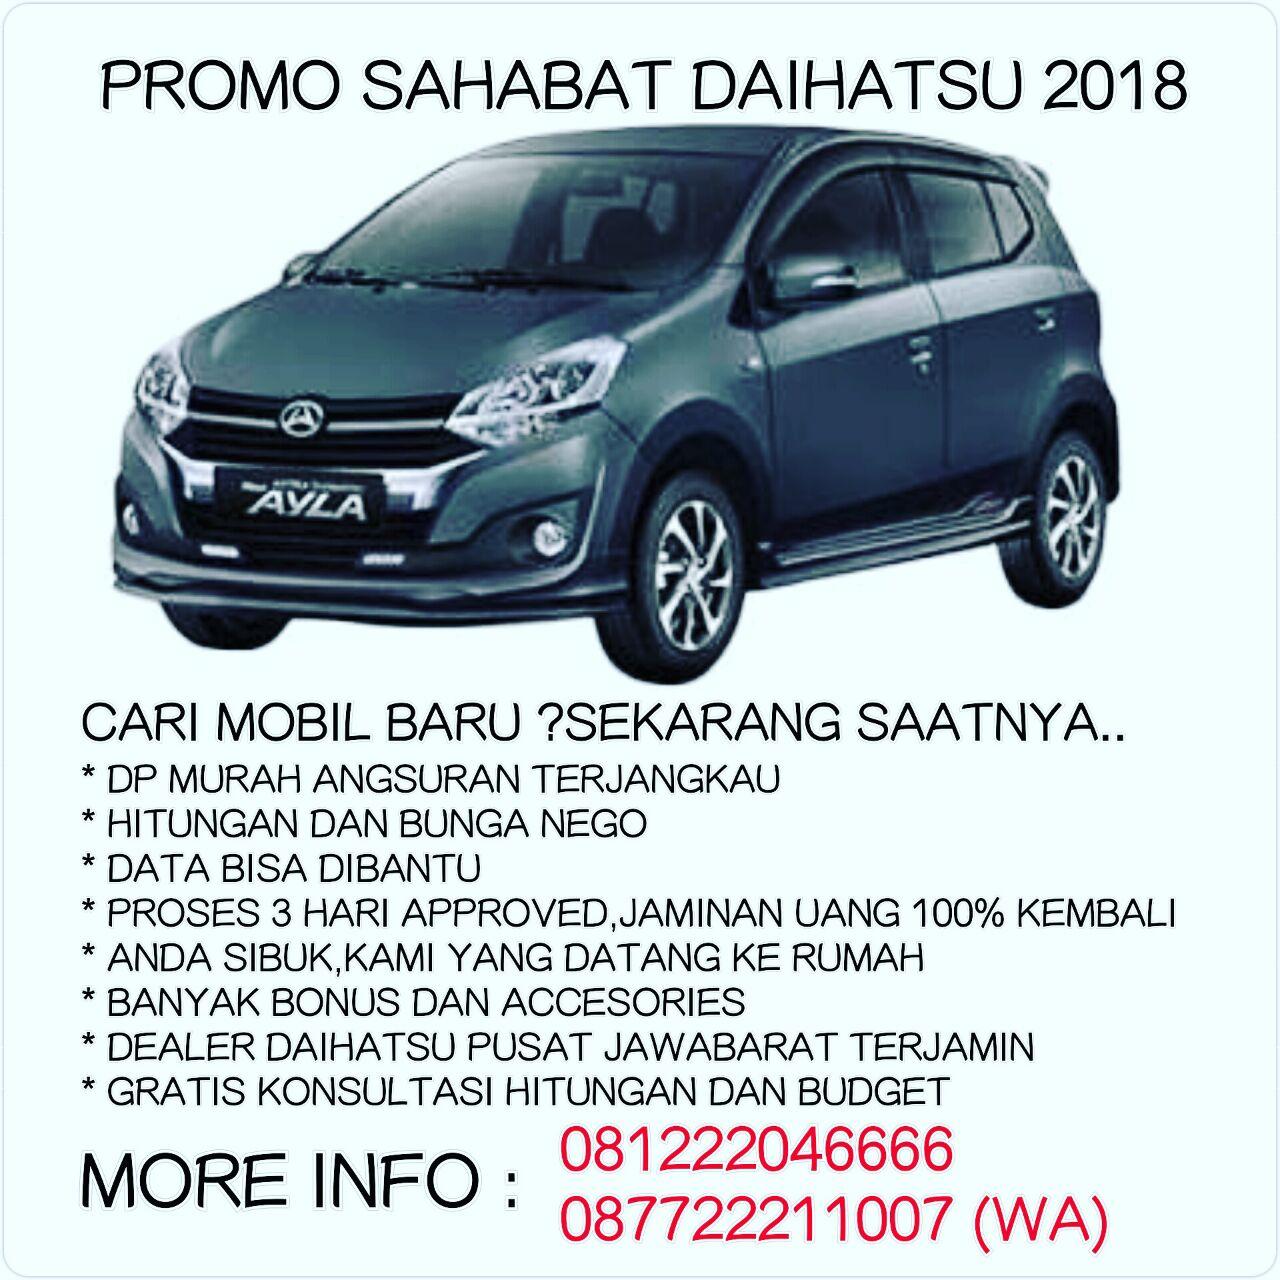 Promo Daihatsu By Aris